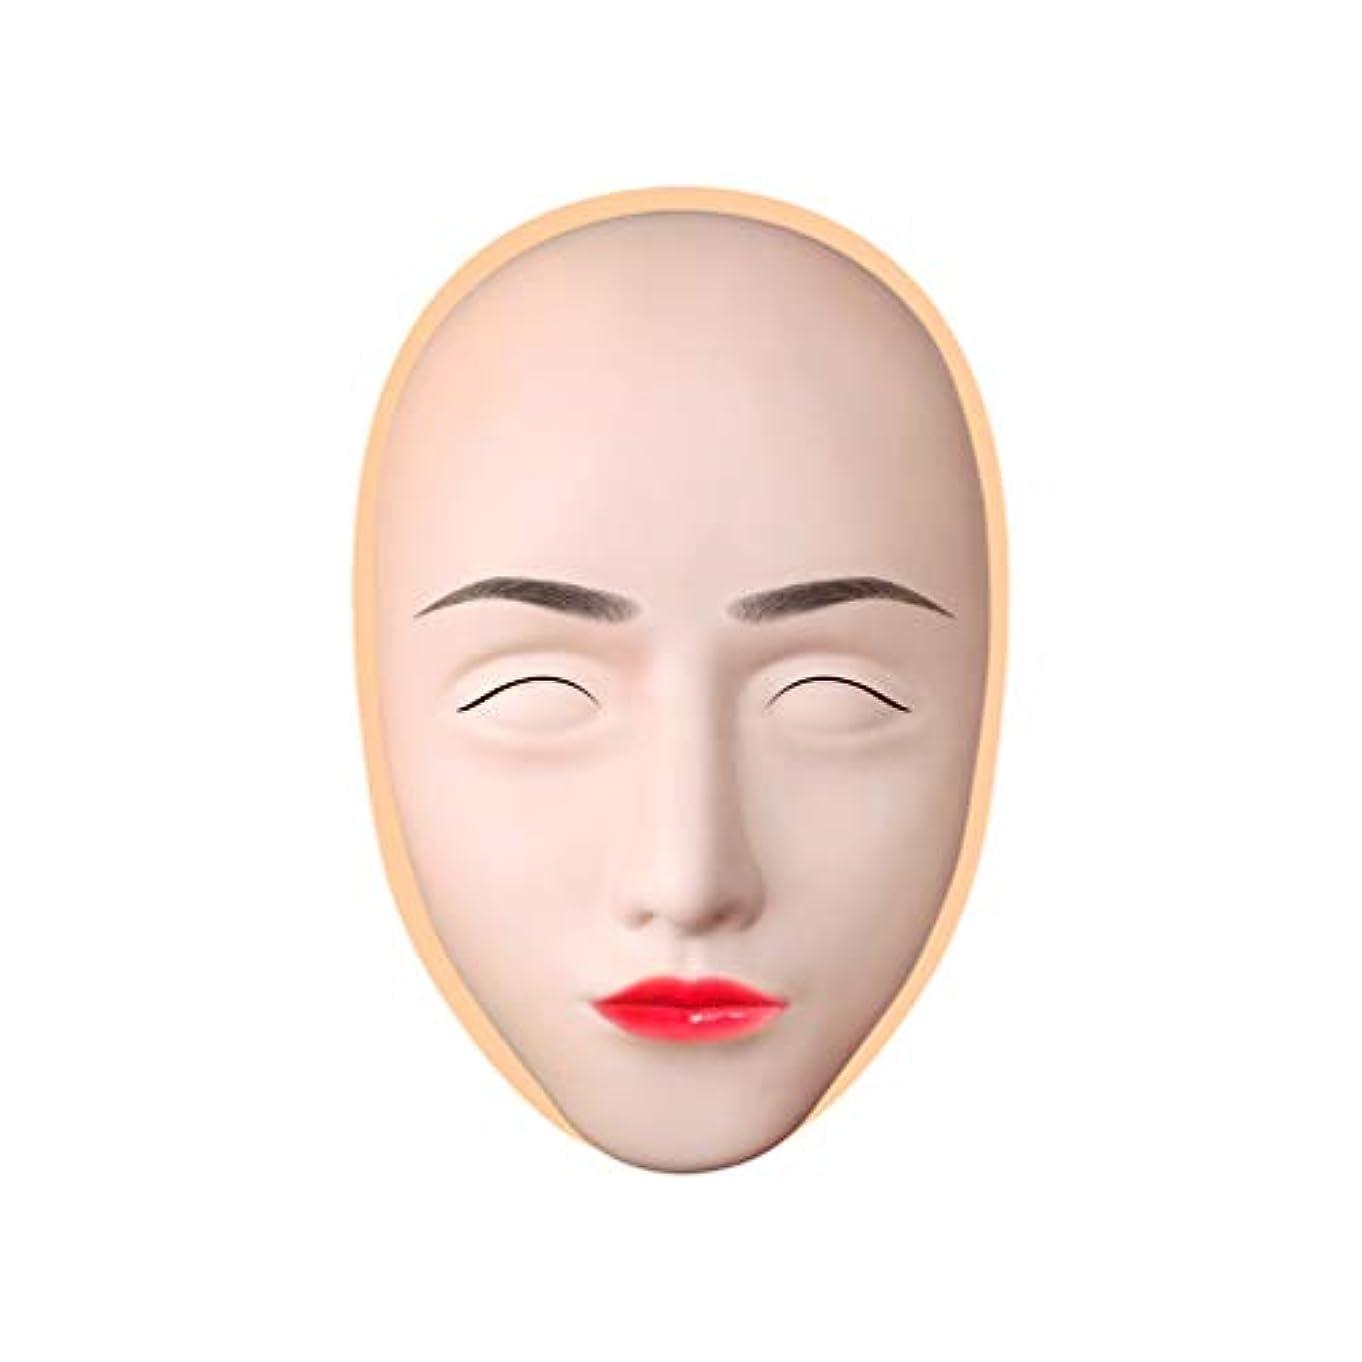 敬意を表してビュッフェ受粉する(ライチ) Lychee シリコン製 タトゥー練習スキン マネキン顔 化粧練習 眉毛 唇 アイライン 5D 永久メイクトレーニングスキン 美容モデル顔 柔軟 初級者向け メーク道具